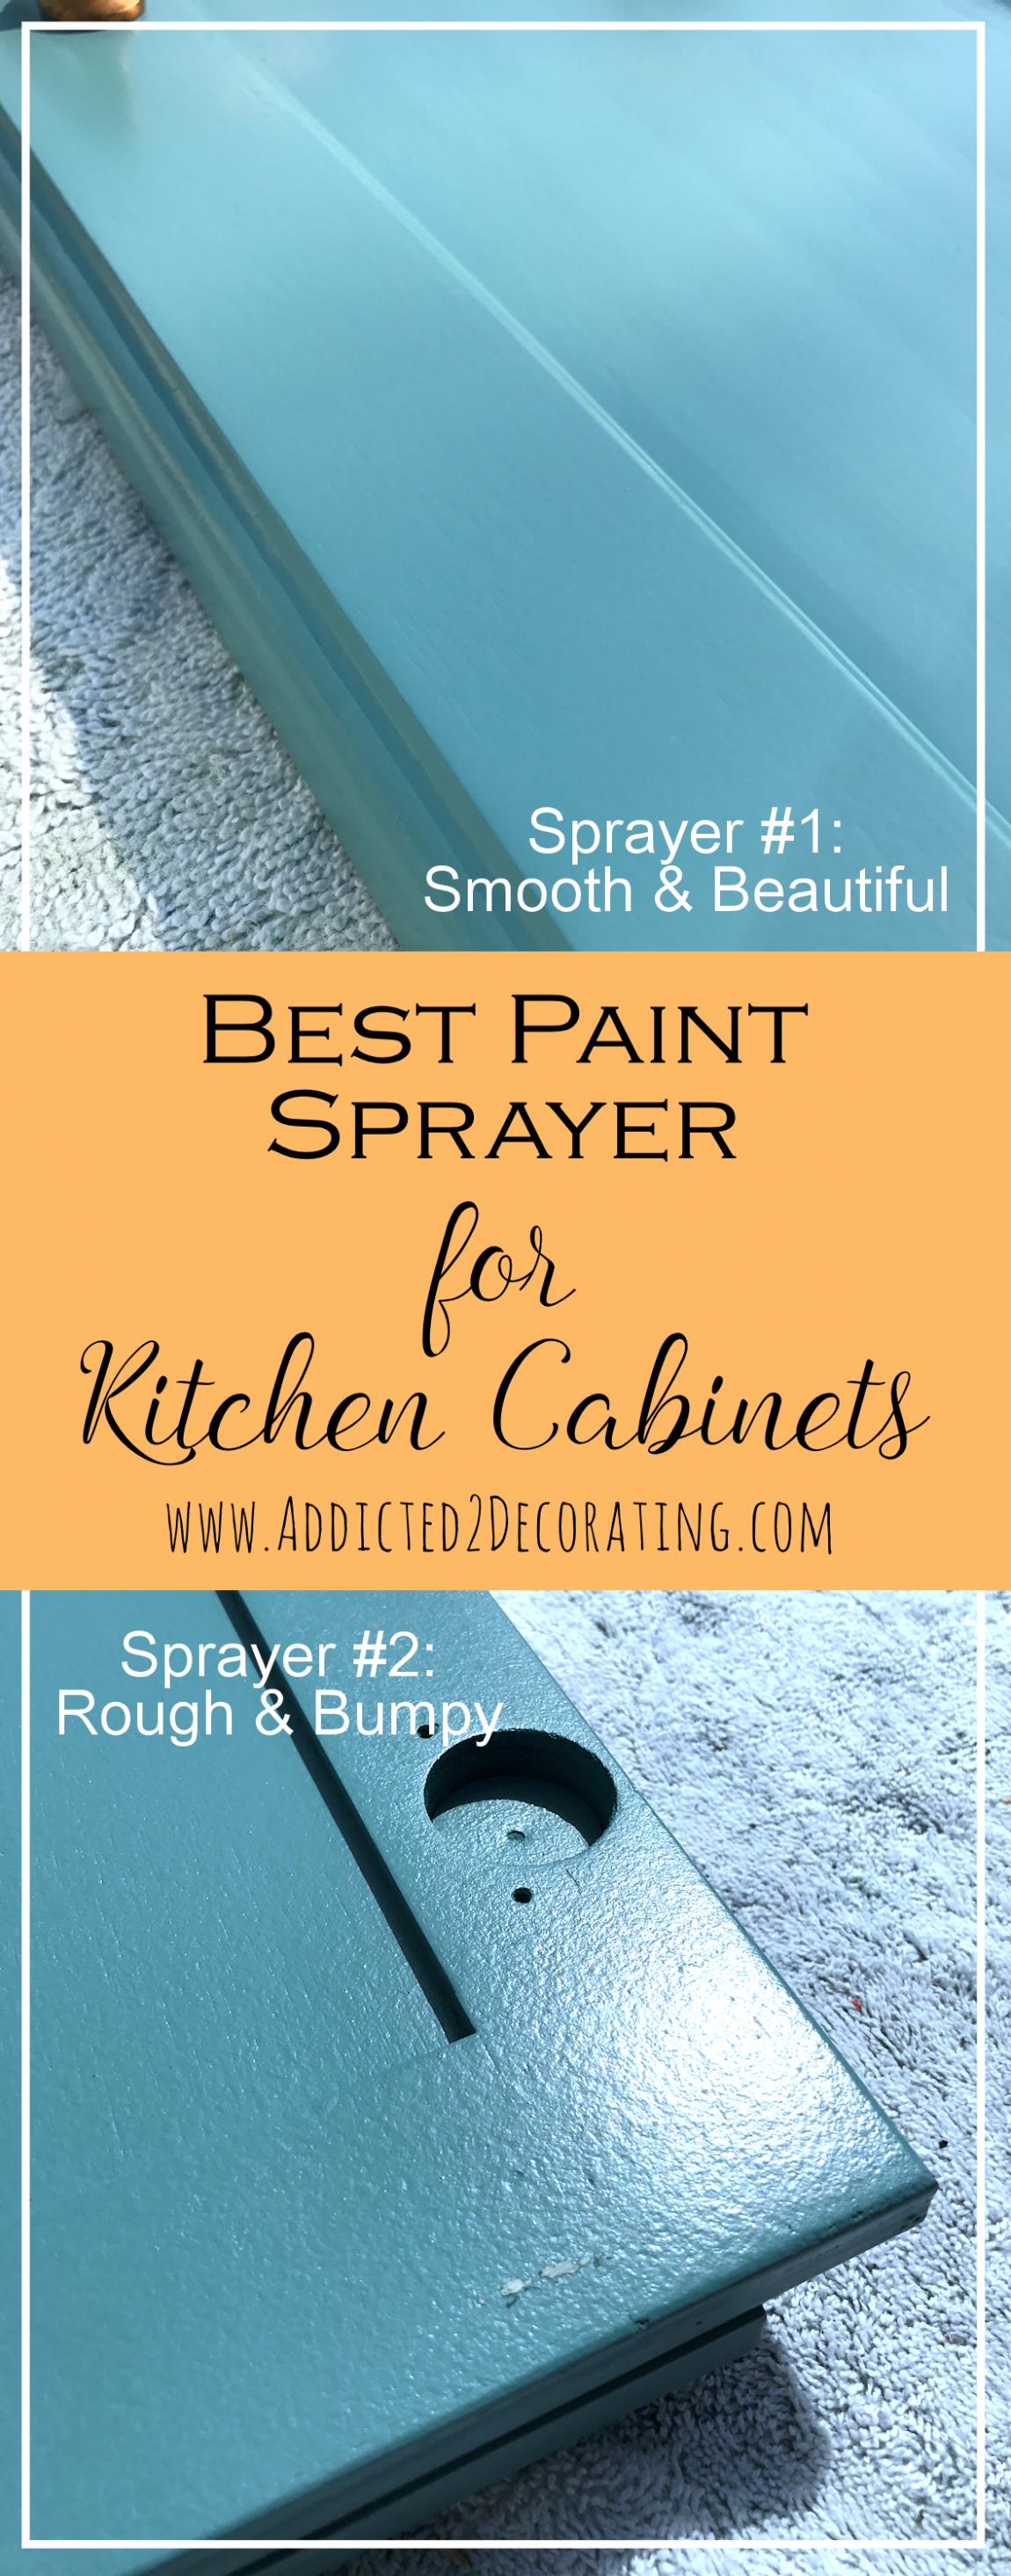 Best Paint Sprayer For Kitchen Cabinets Addicted 2 Decorating In 2020 Best Paint Sprayer Paint Sprayer Diy Kitchen Cabinets